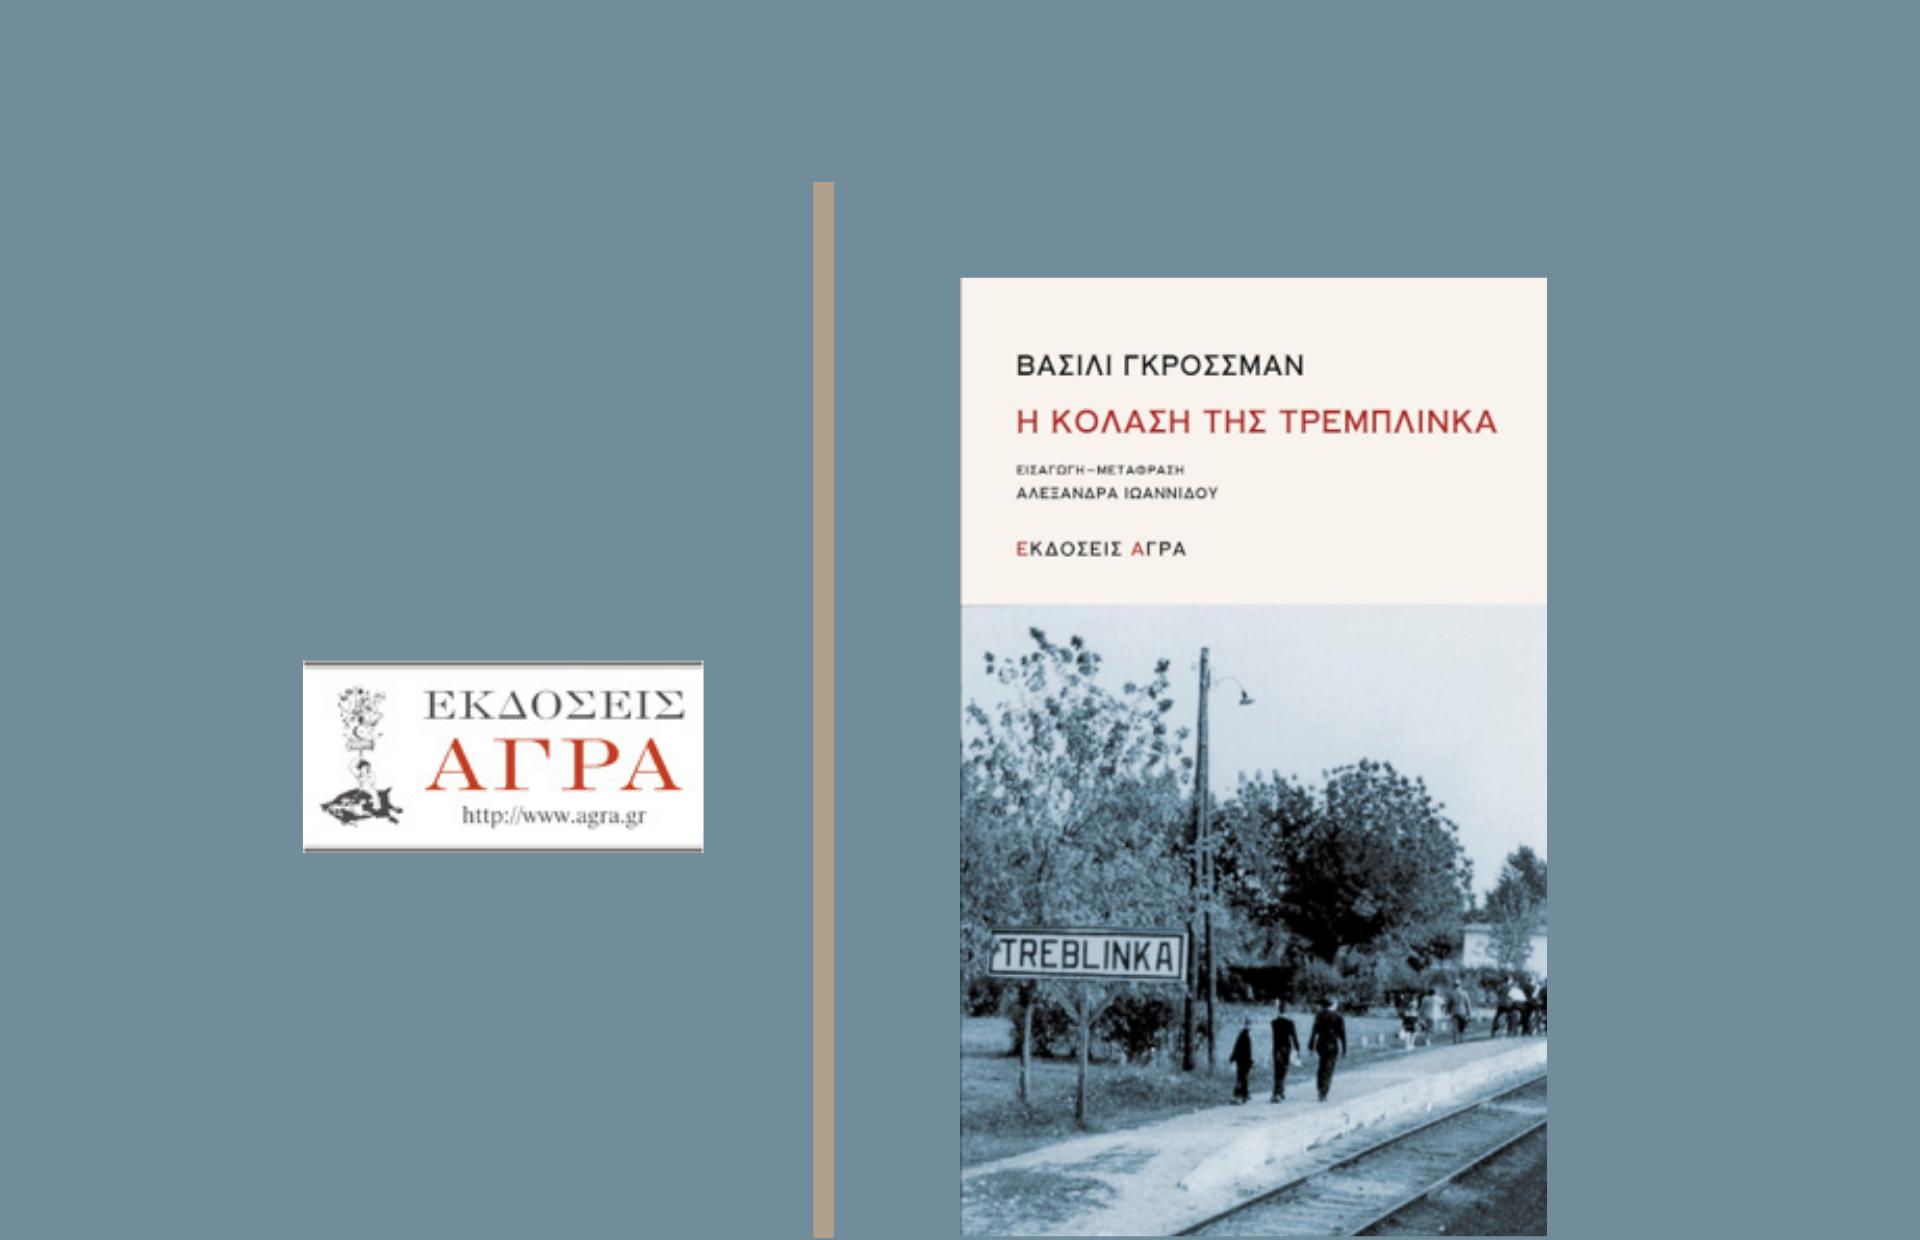 Η κόλαση της Τρεμπλίνκα, του ΒΑΣΙΛΙ ΓΚΡΟΣΣΜΑΝ | Εκδόσεις Άγρα